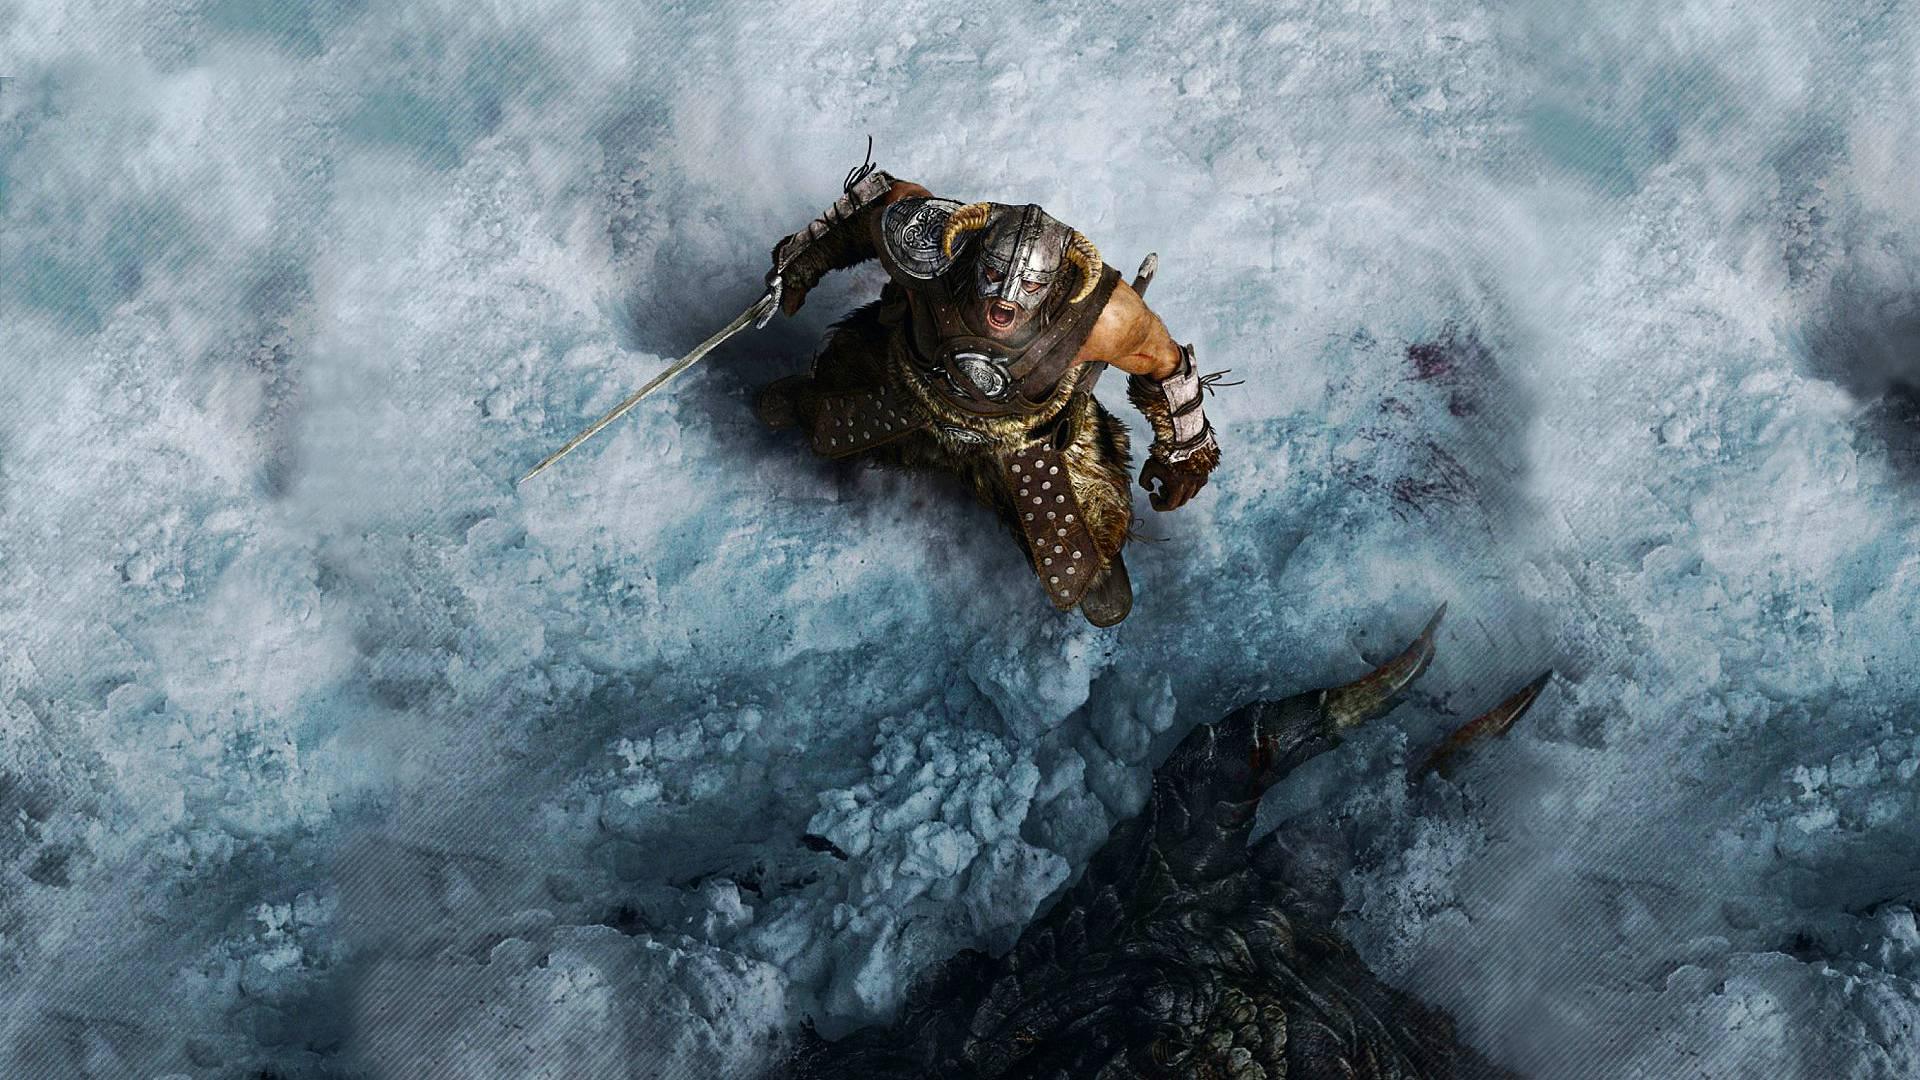 Skyrim Wallpapers 1080p - Wallpaper Cave